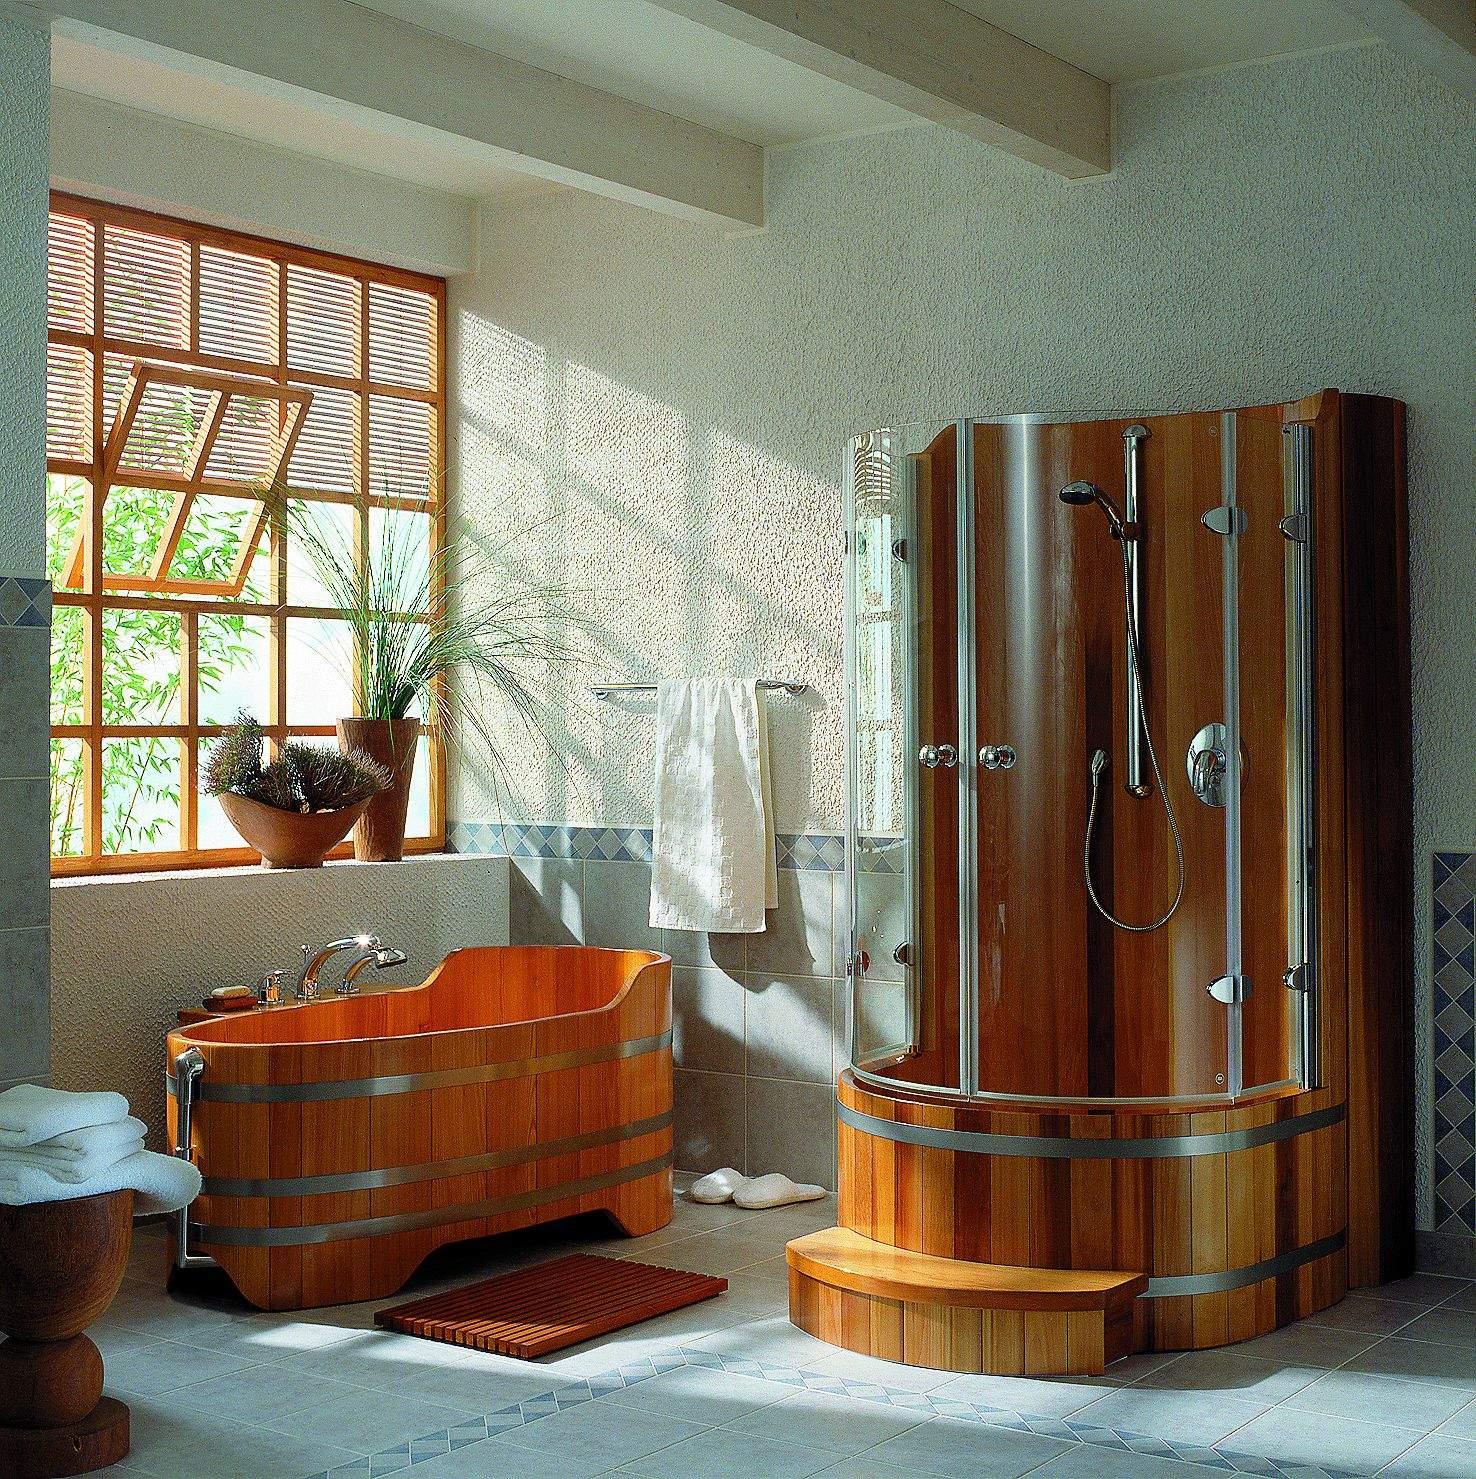 Salle de bain exotique zen: deco dinterieur tiges de bambou ...